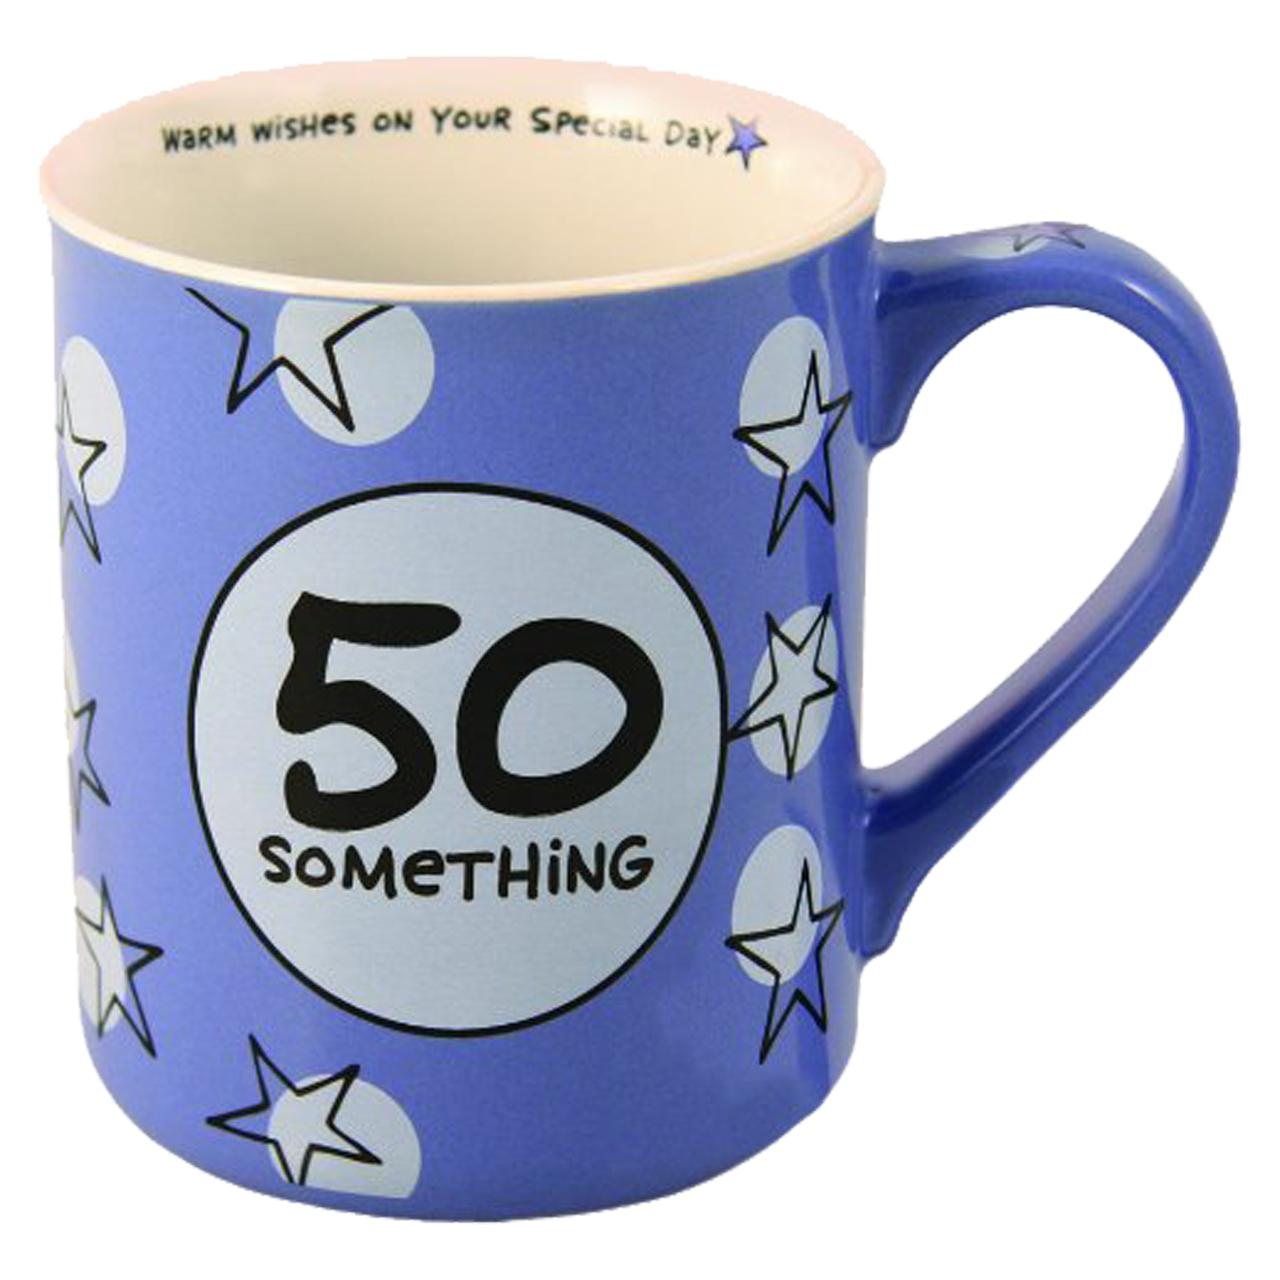 عکس ماگ حرارتی آور نیم ایز ماد مدل 50Something